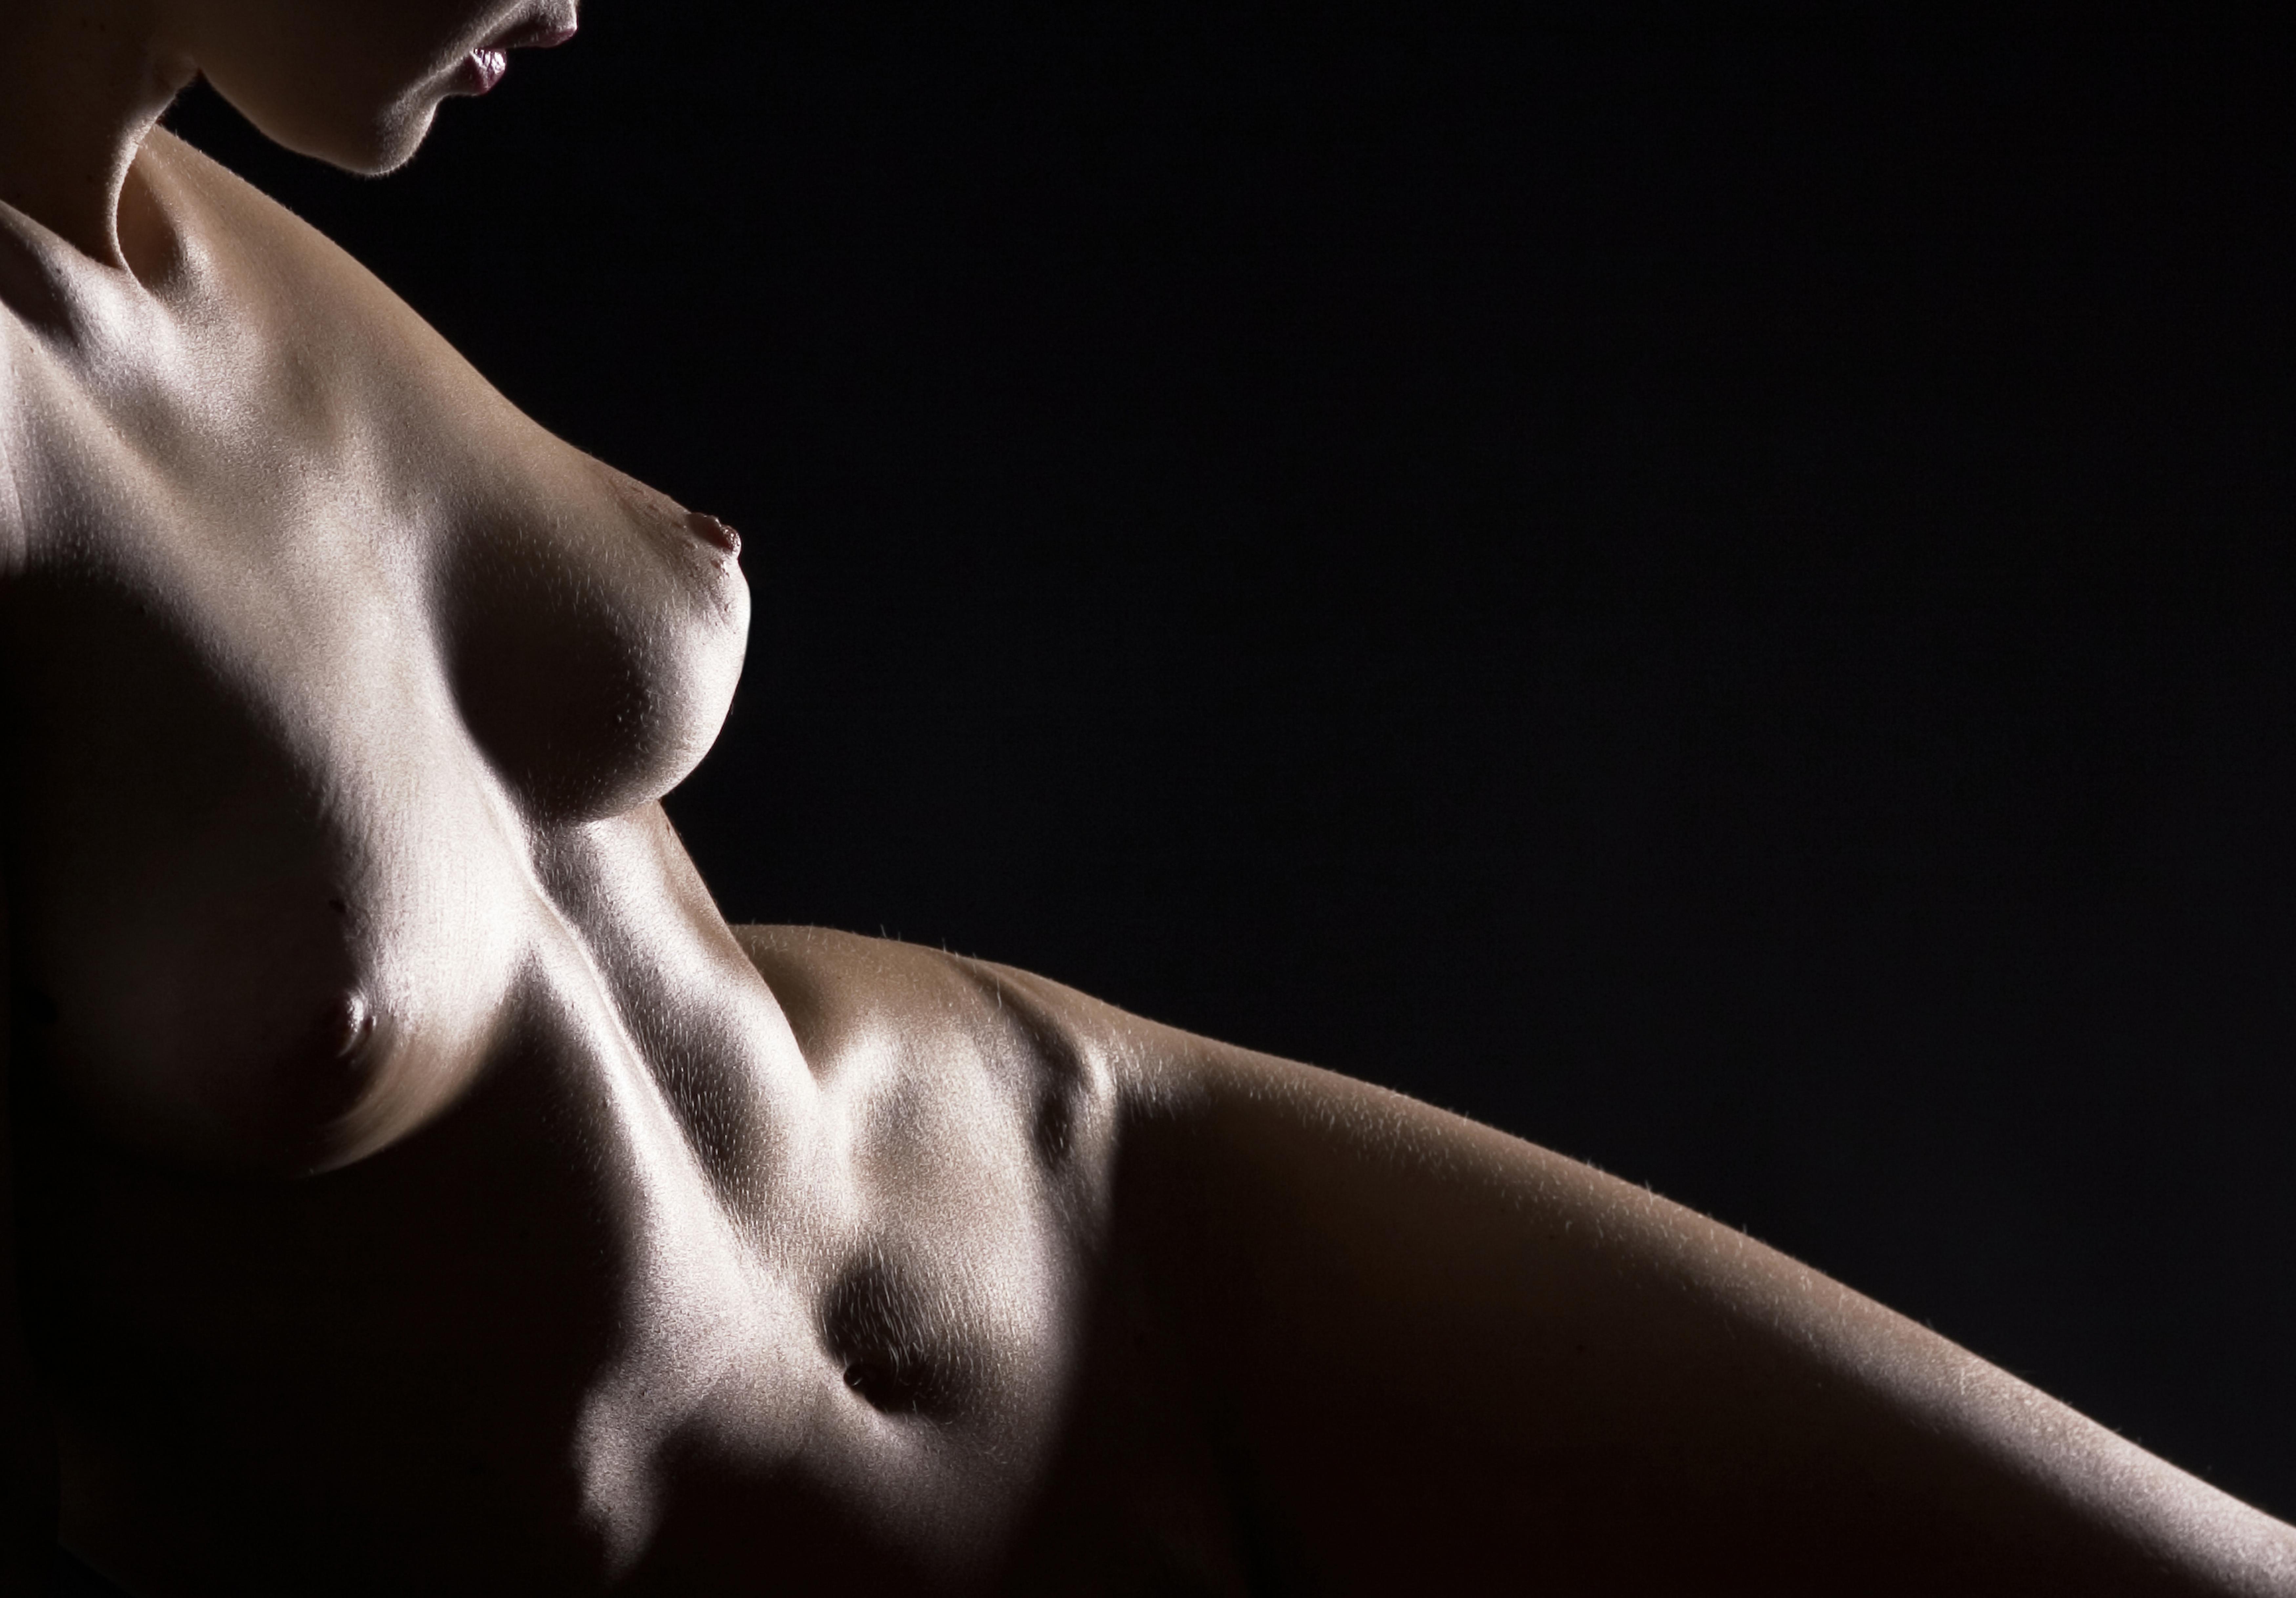 Смотреть Красота Обнаженного Женского Тела